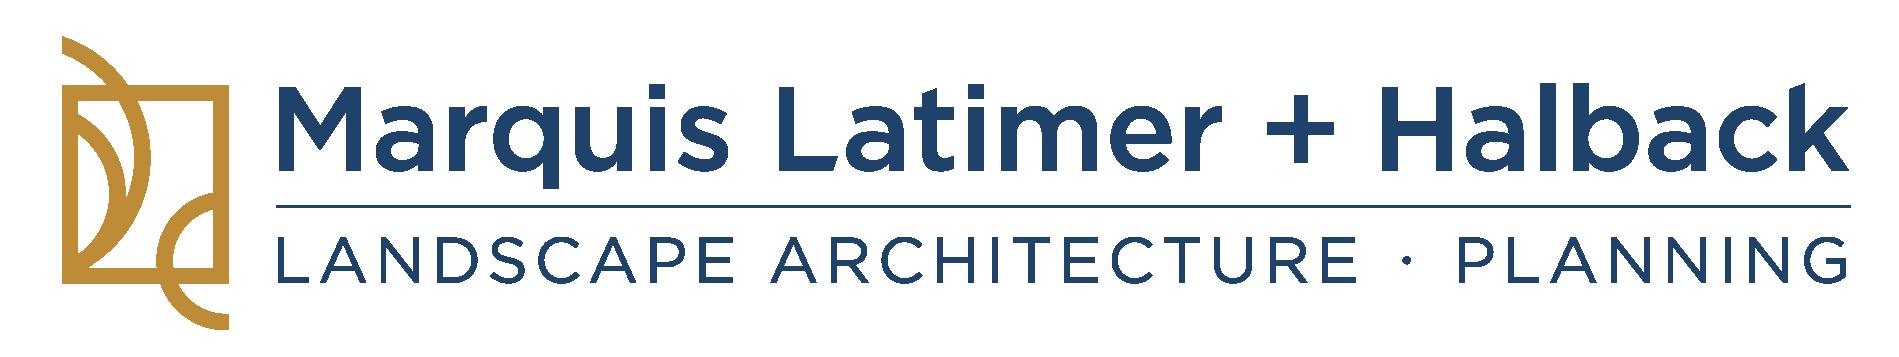 Marquis Latimer plus Halback Logo